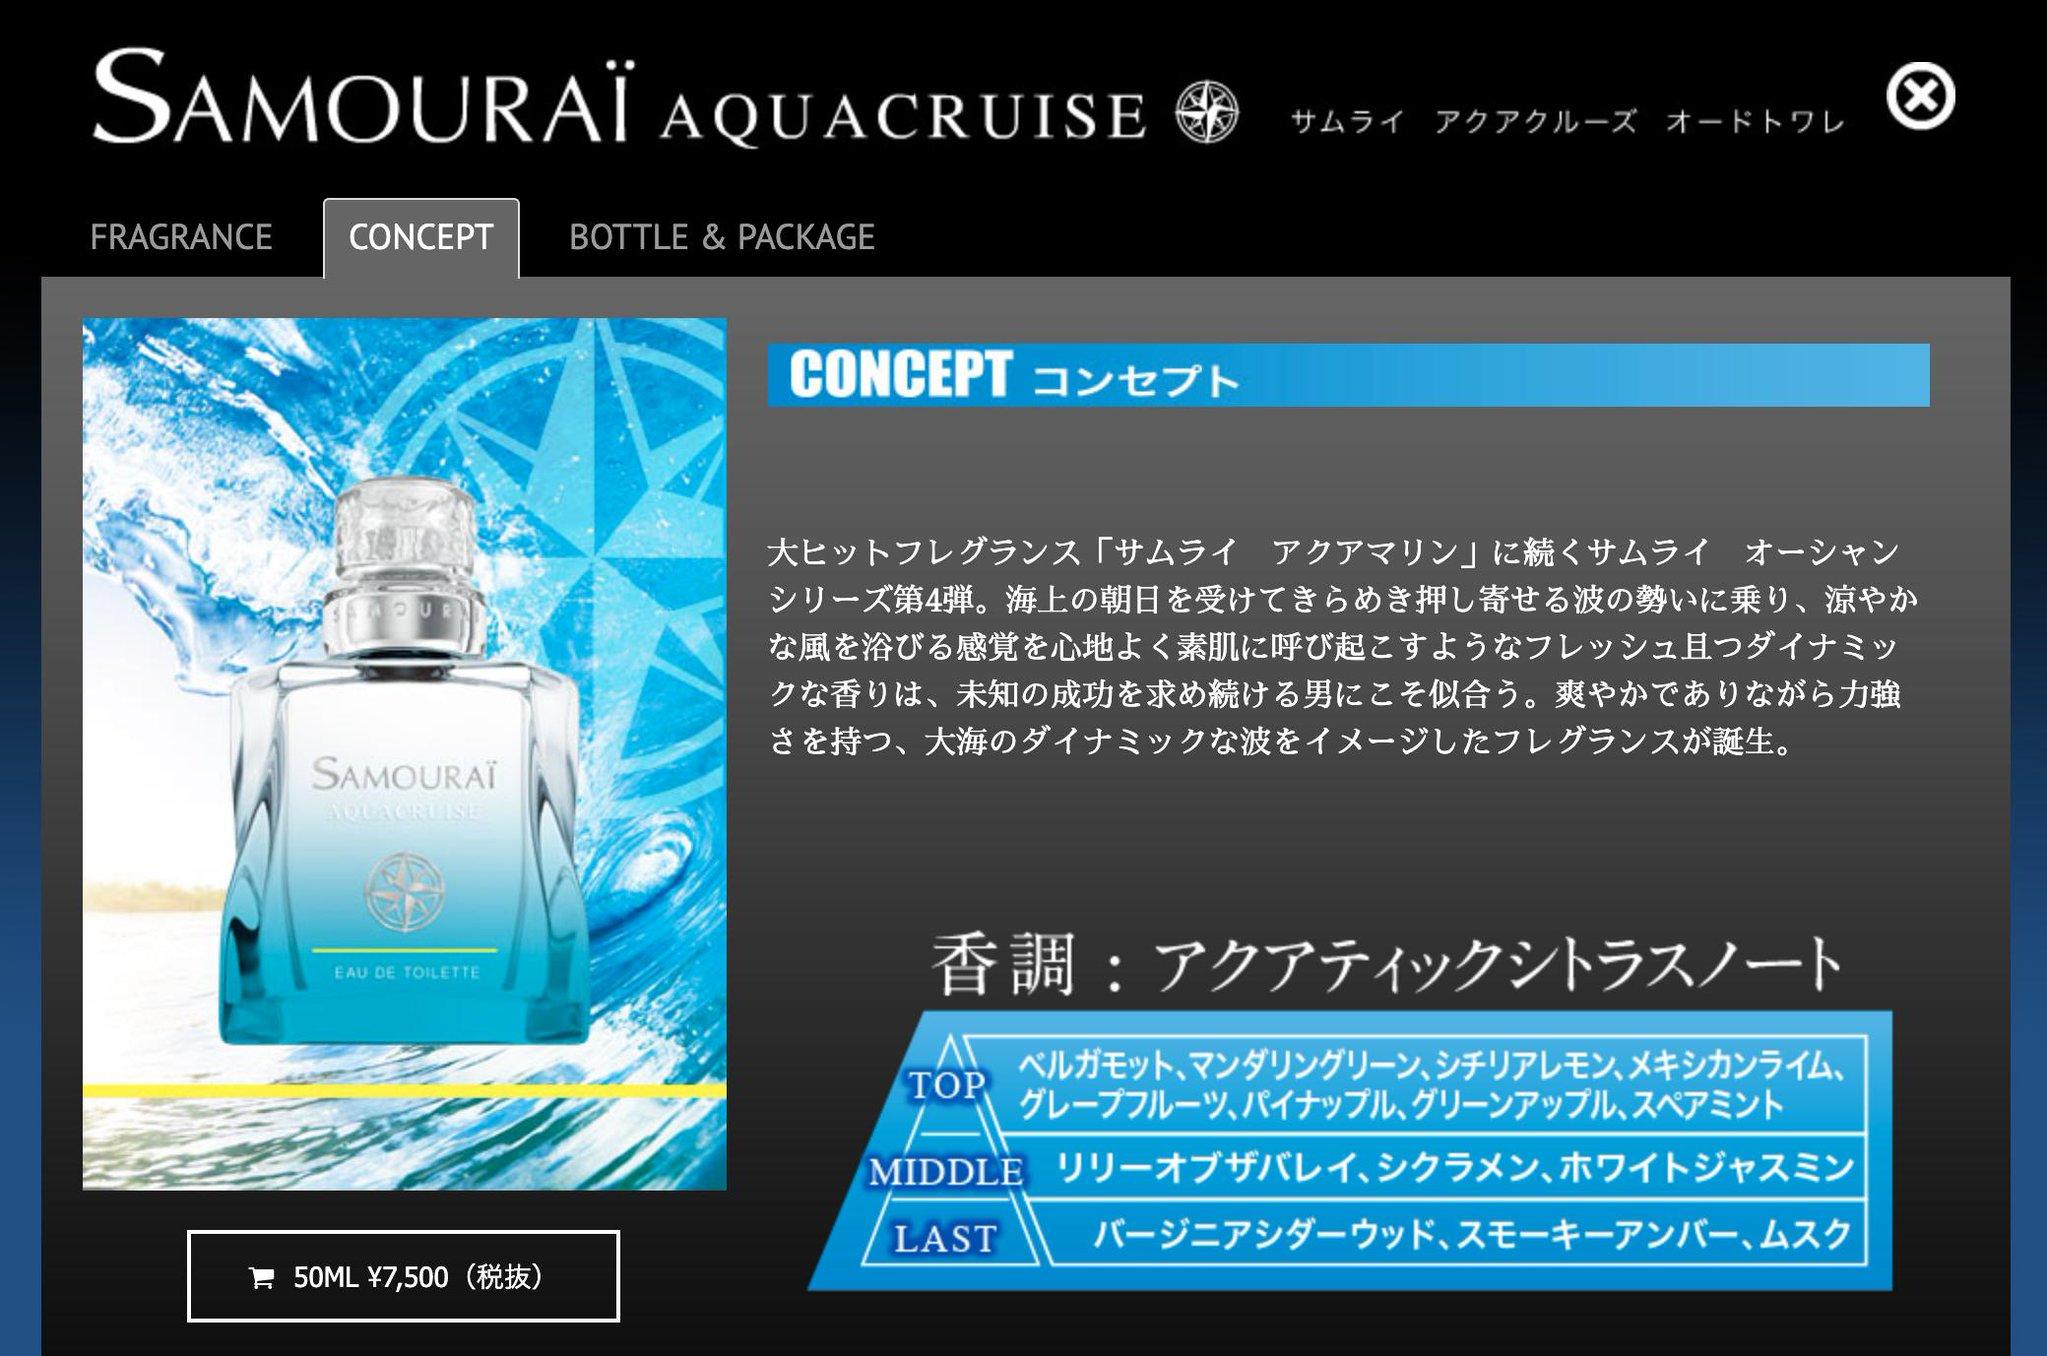 「「サムライ アクアマリン」に続くサムライ オーシャンシリーズ第4弾。海上の朝日を受けてきらめき押し寄せる波の勢いに乗り、涼やかな風を浴びる感覚を心地よく素肌に呼び起こすようなフレッシュ且つダイナミックな香り」  Samourai Aquacruise | サムライ アクアクルーズ https://t.co/2dOrPJMofJ https://t.co/7wzqxv22Y5